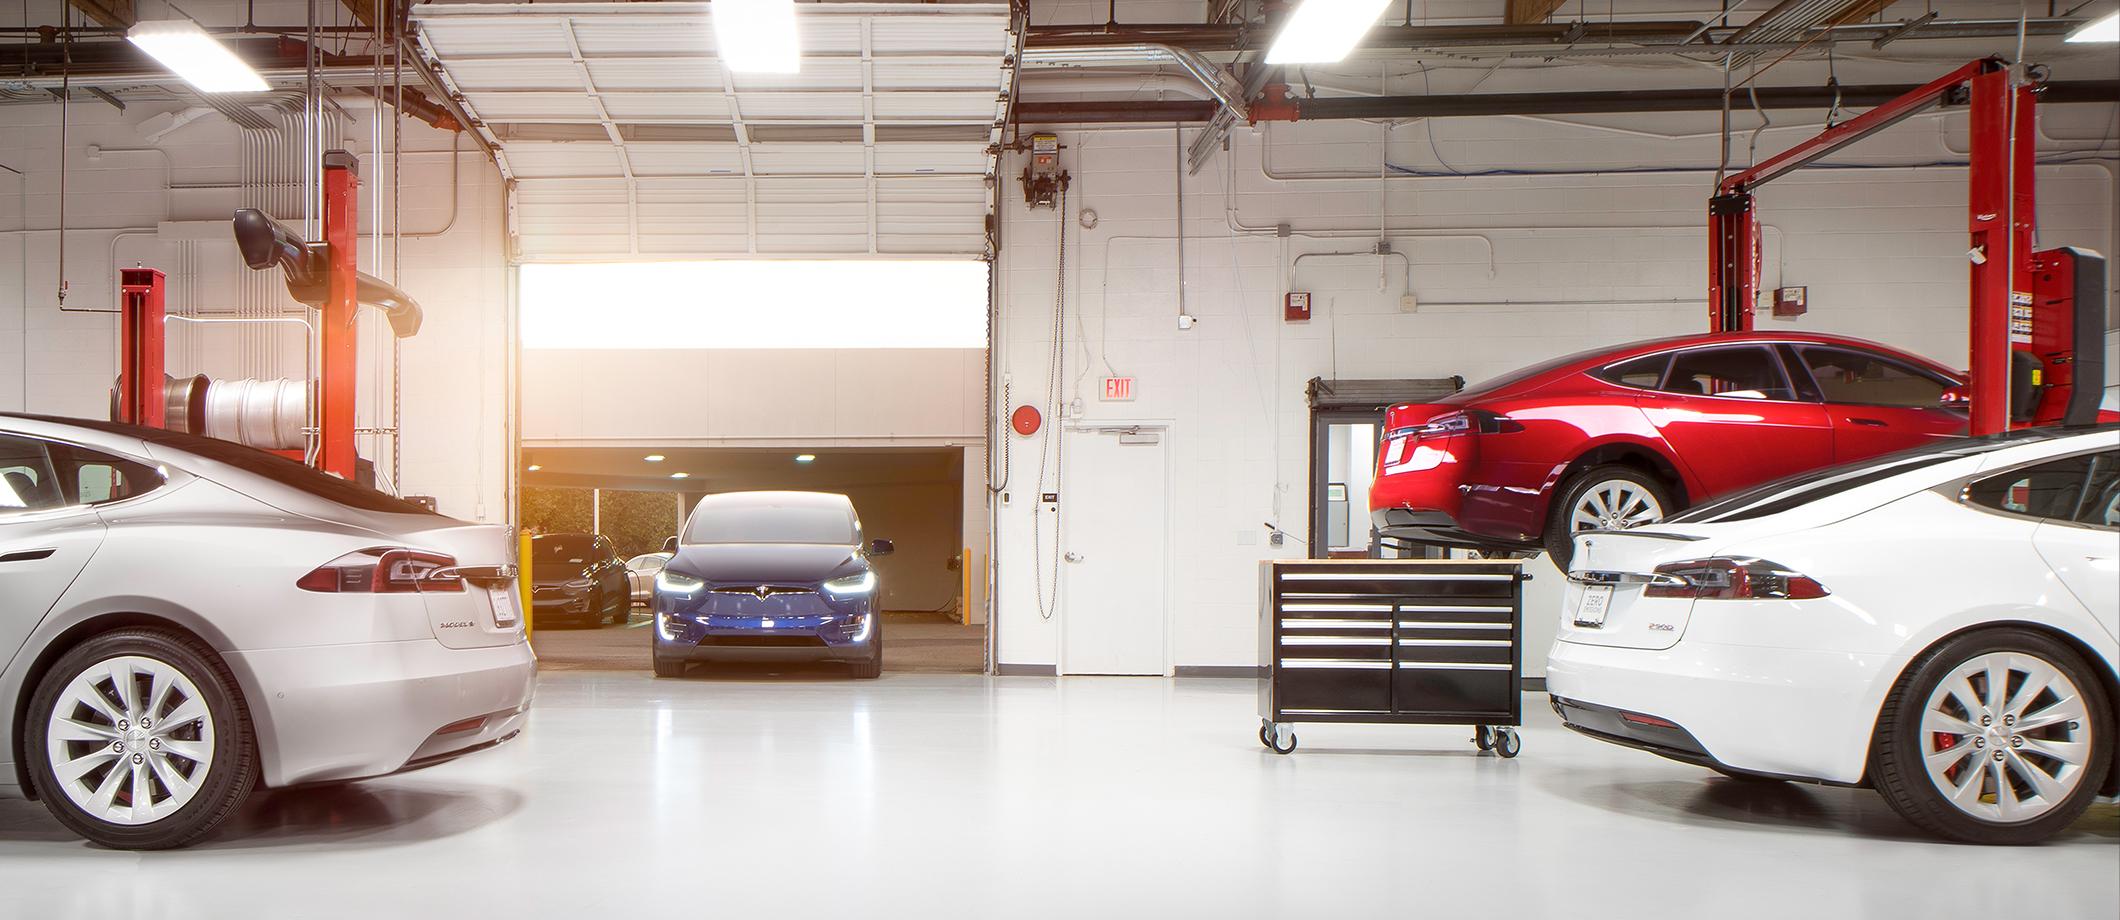 Tesla vehicles inside a service center